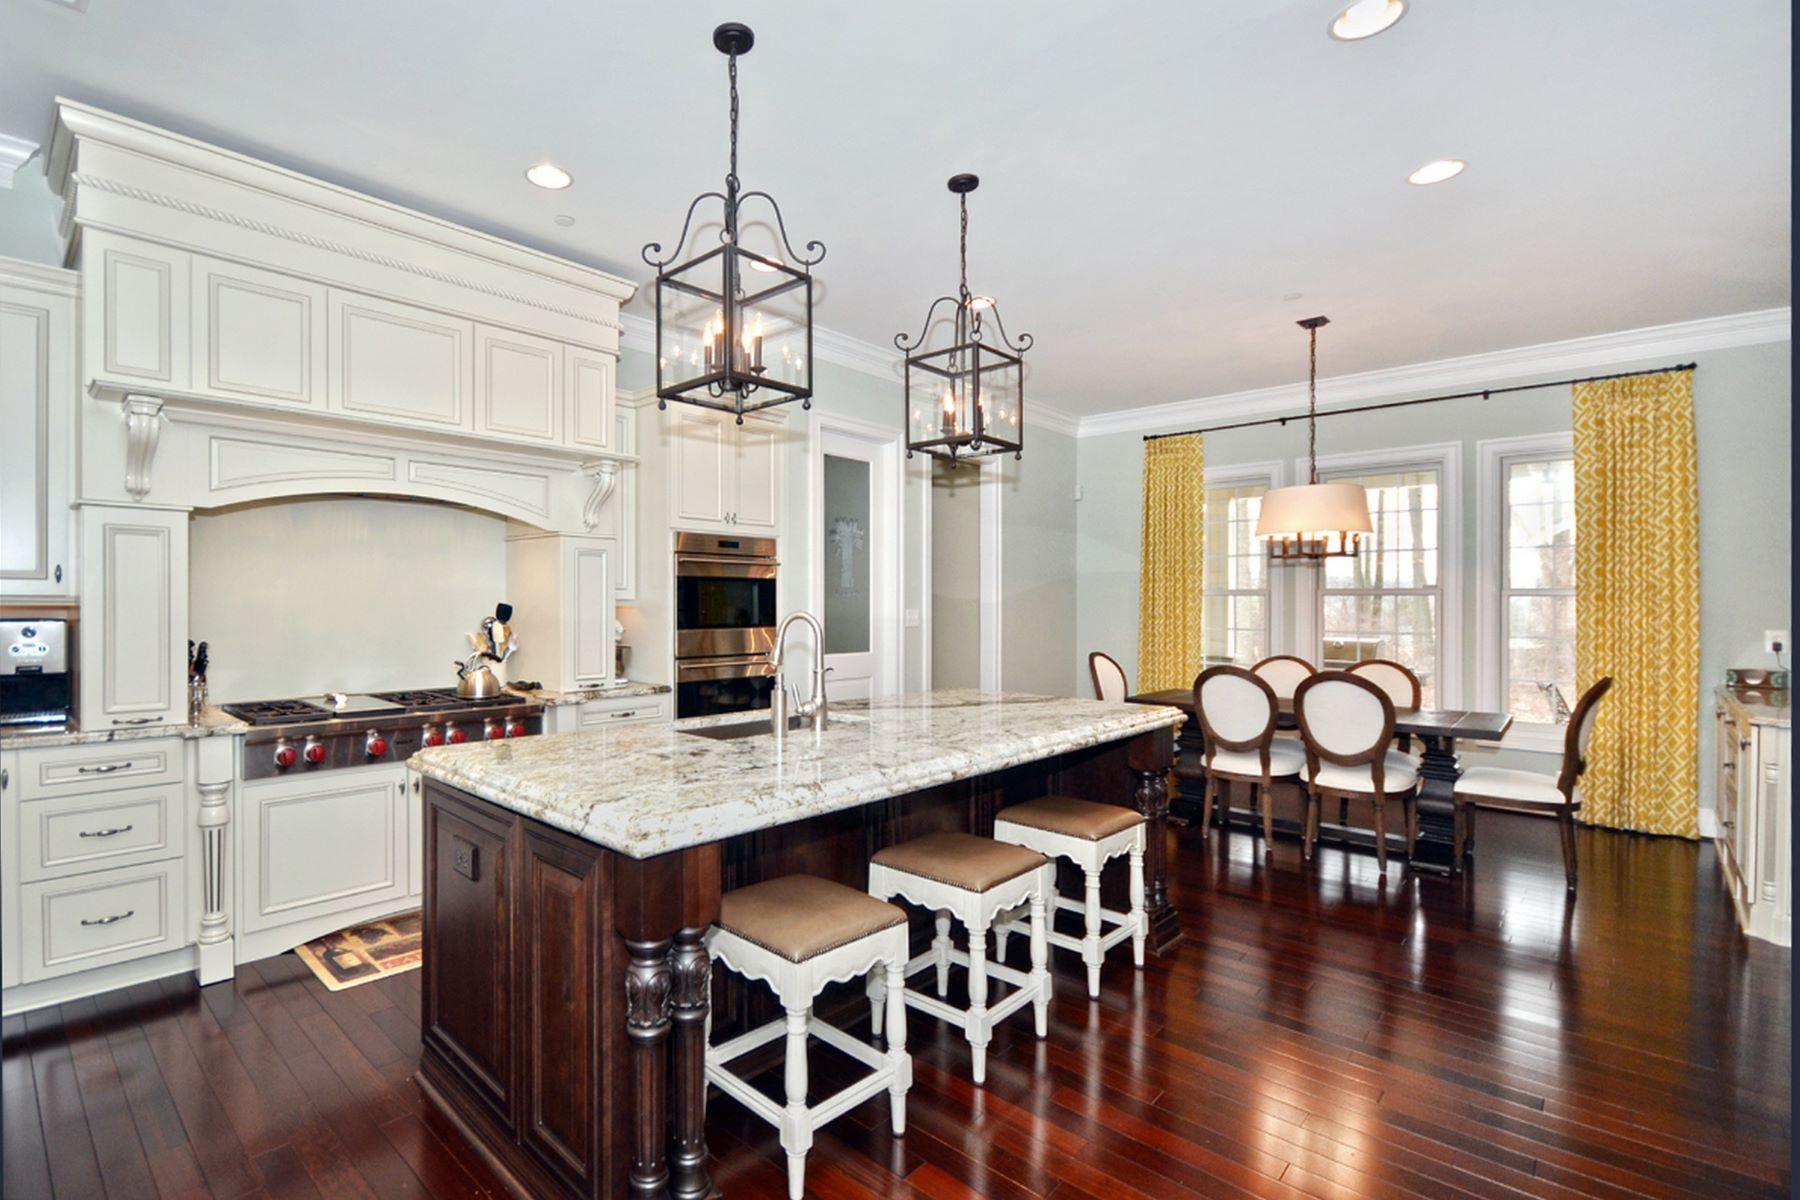 独户住宅 为 销售 在 Castanea Estates 1126 Castanea Court Lutherville Timonium, 马里兰州 21093 美国